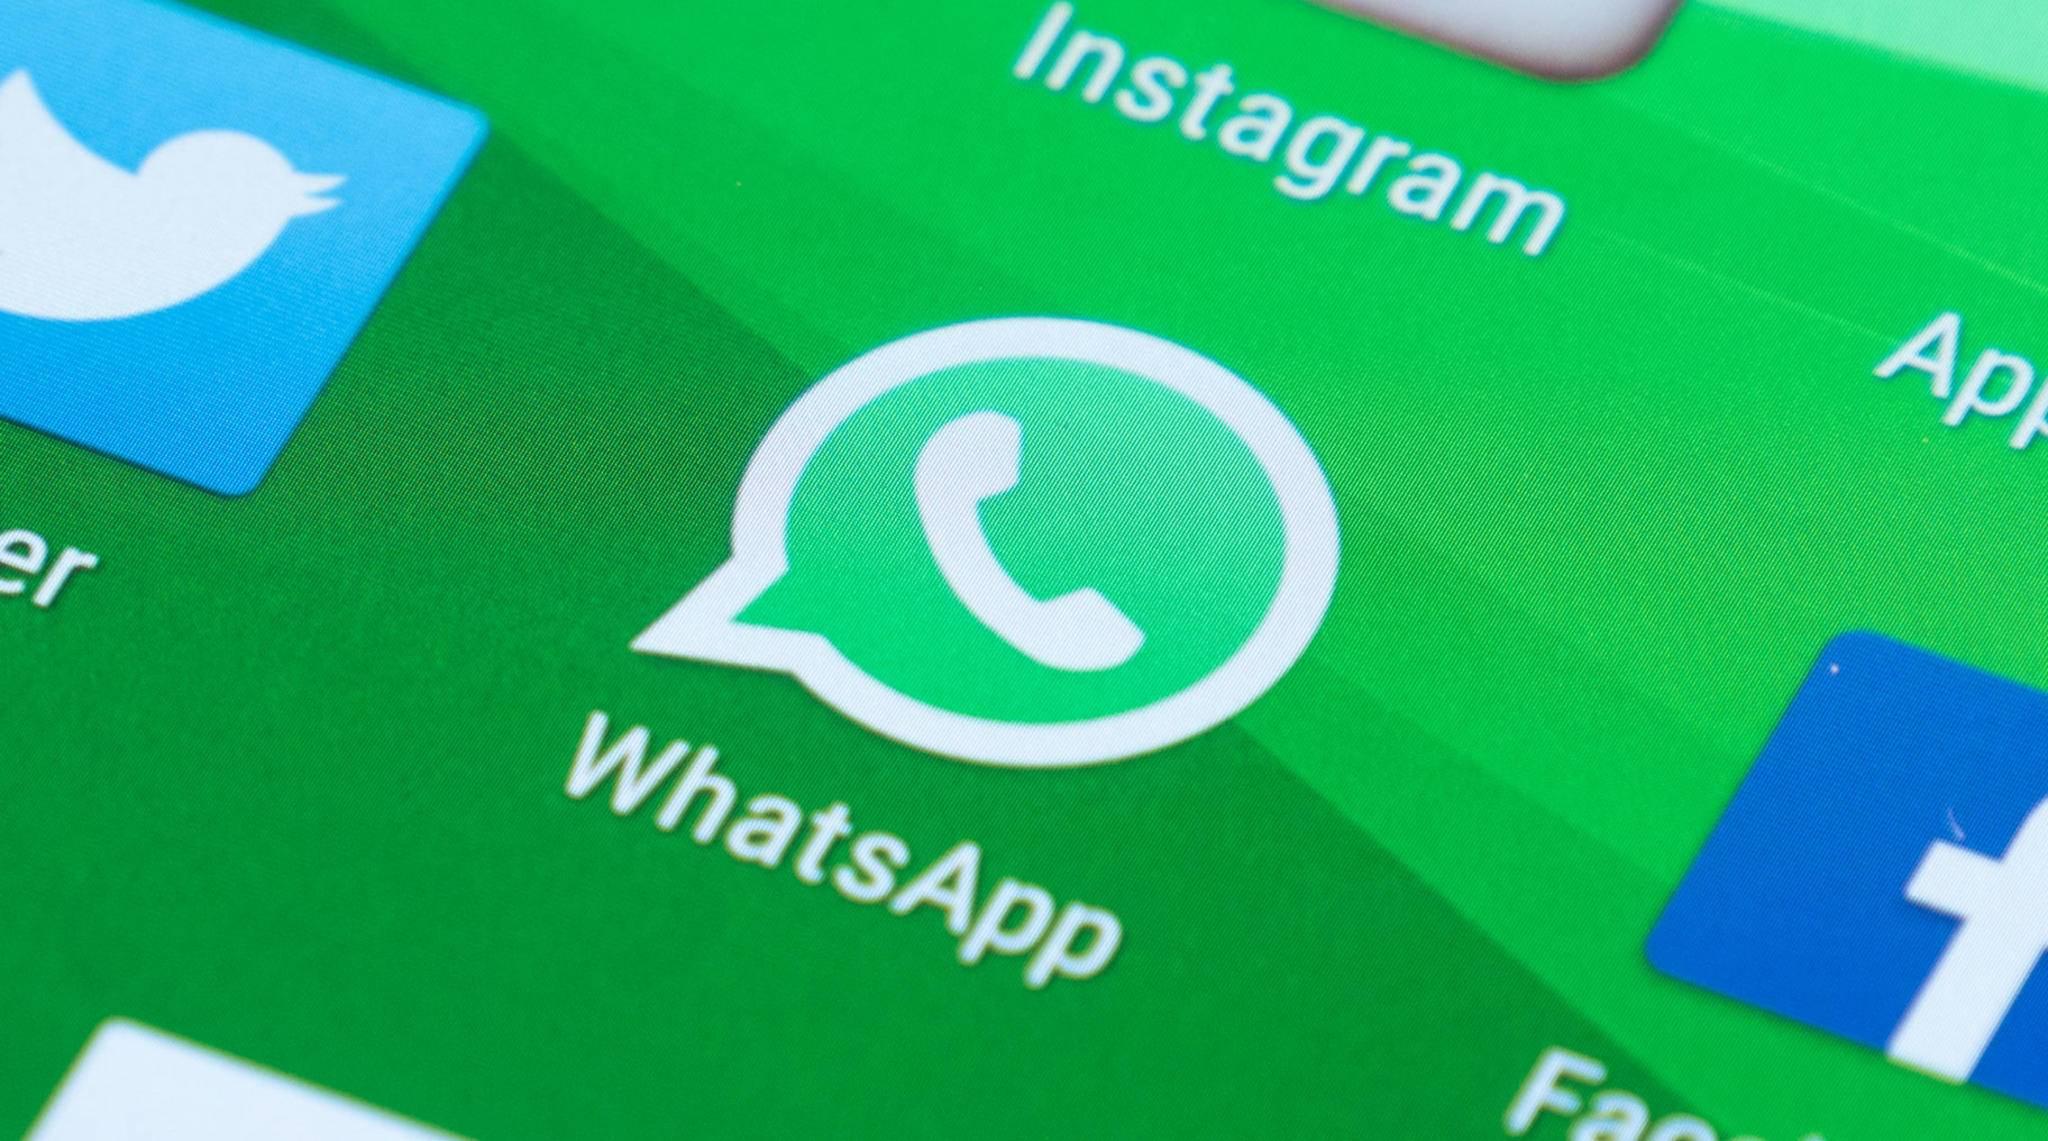 WhatsApp wird ab 2017 auf Millionen von Smartphones nicht mehr funktionieren.